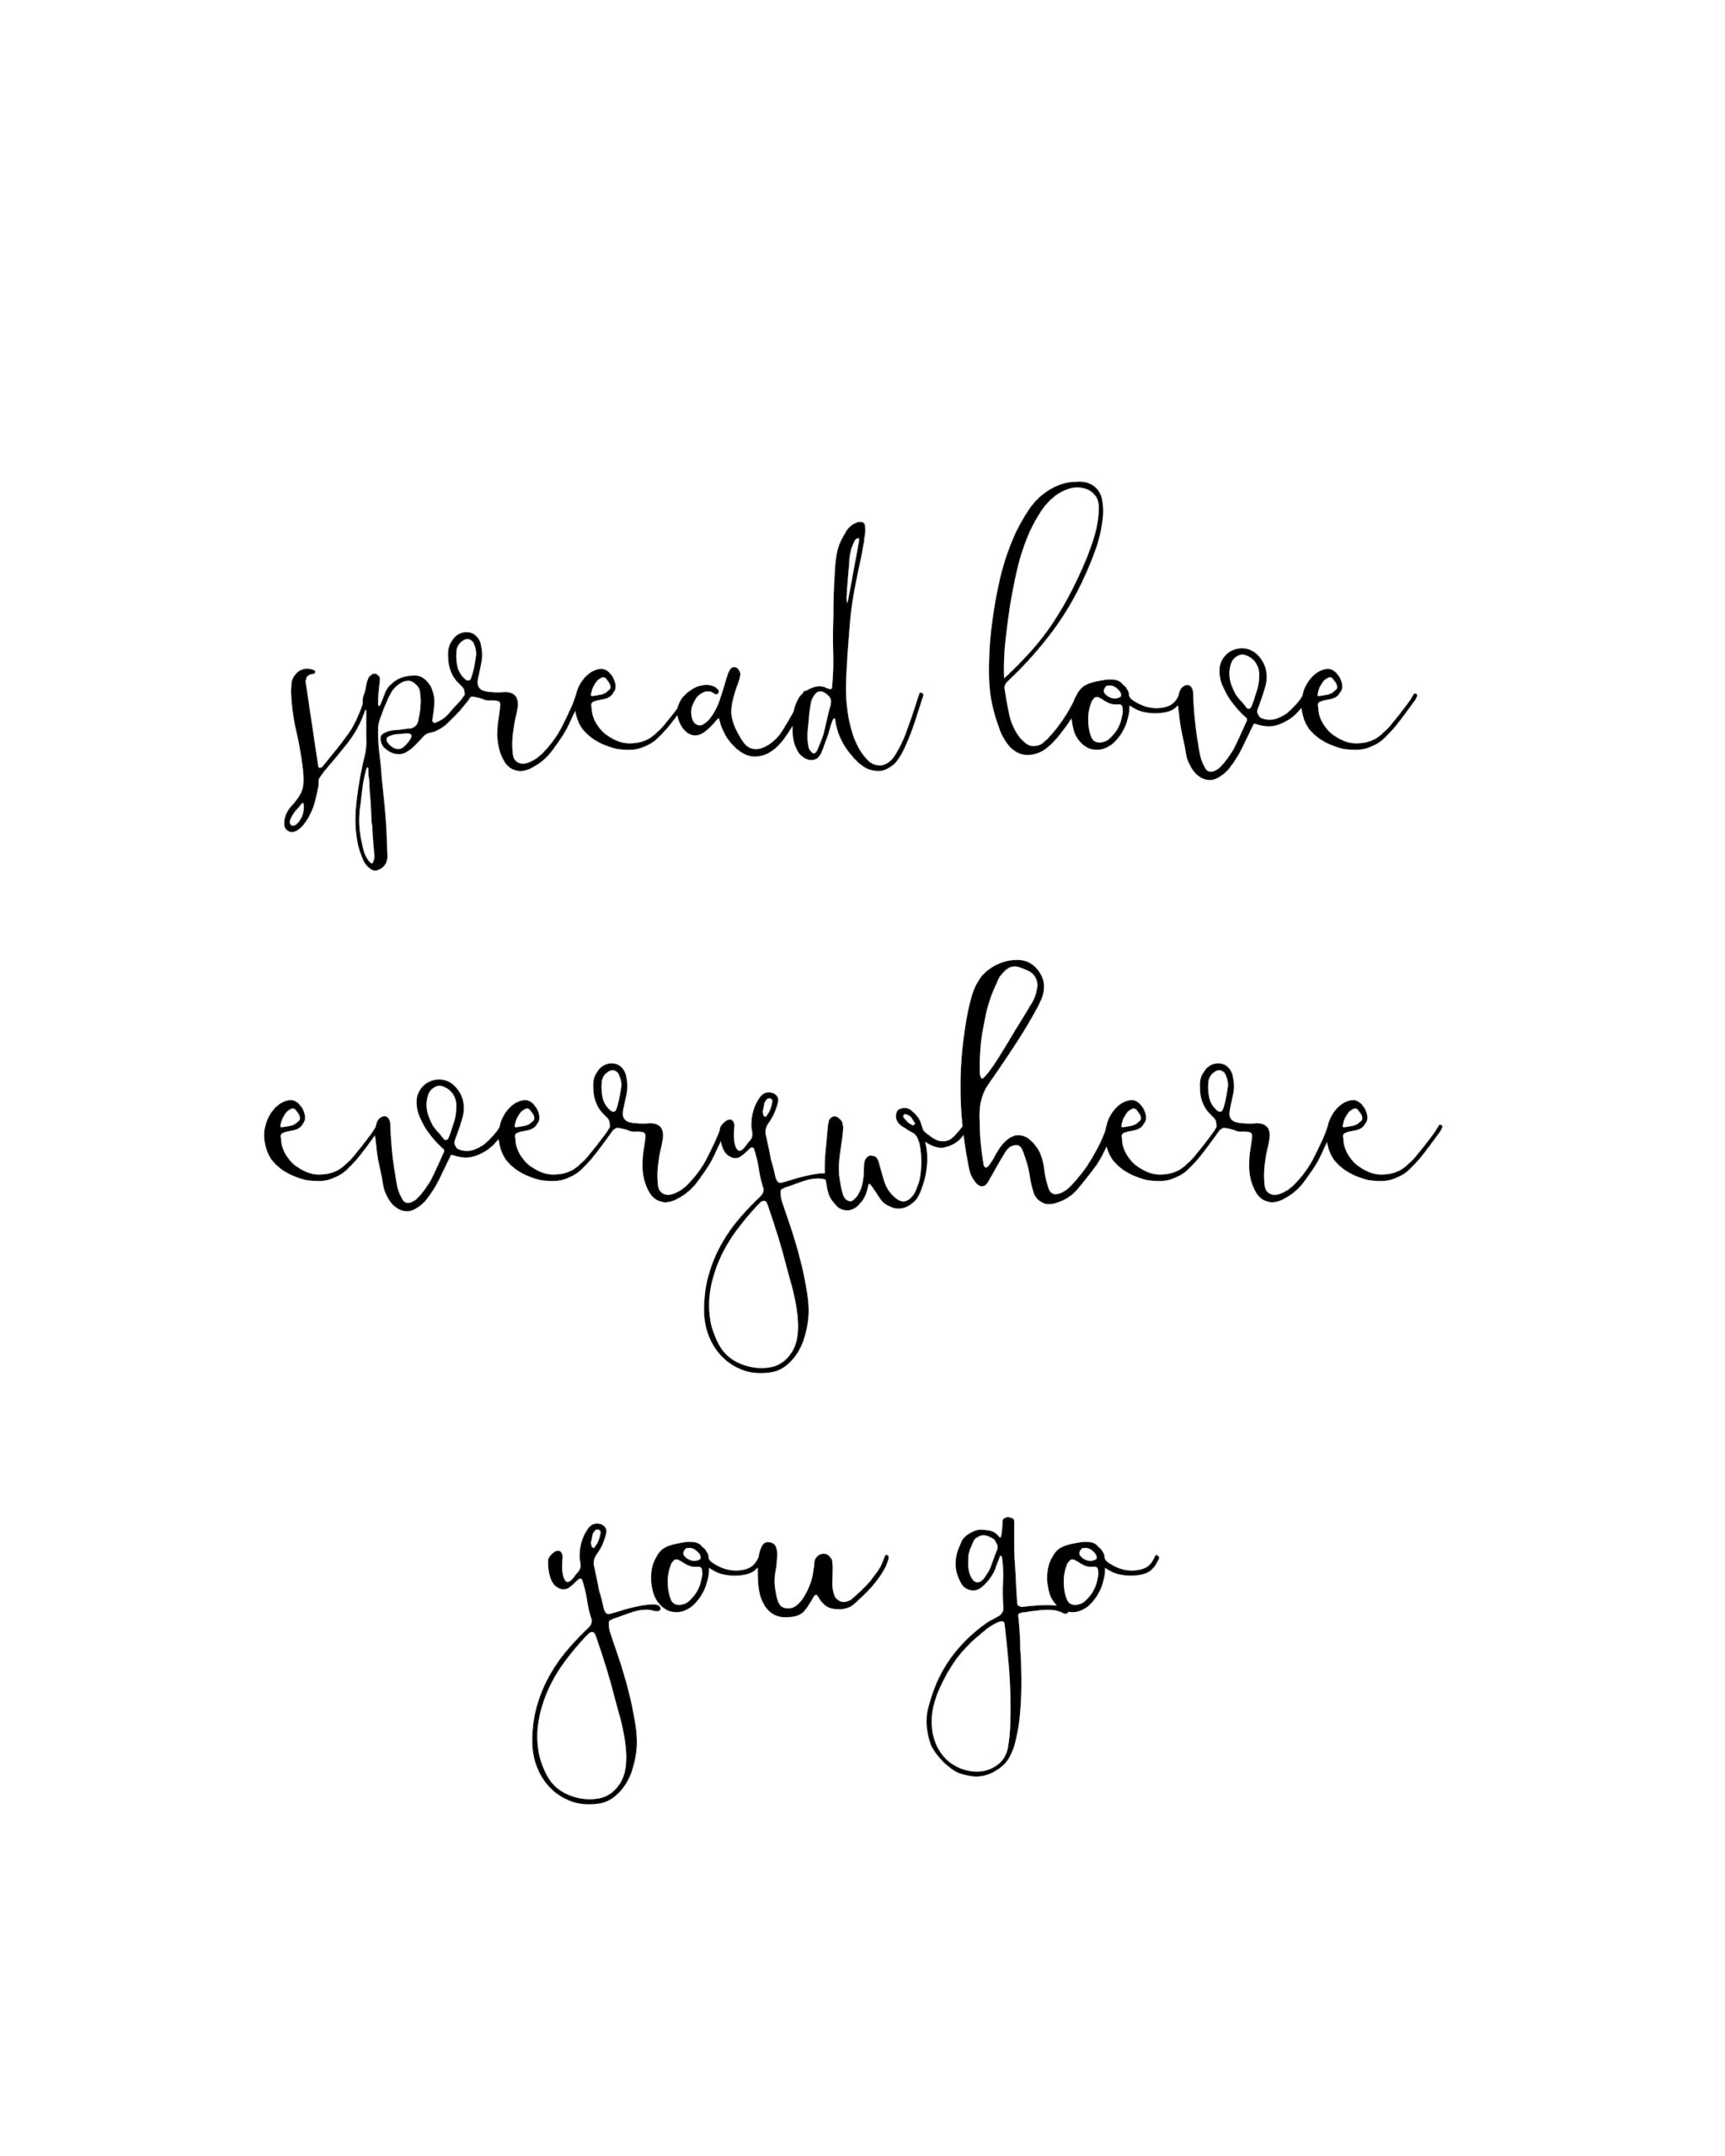 Spread Love Everywhere you go